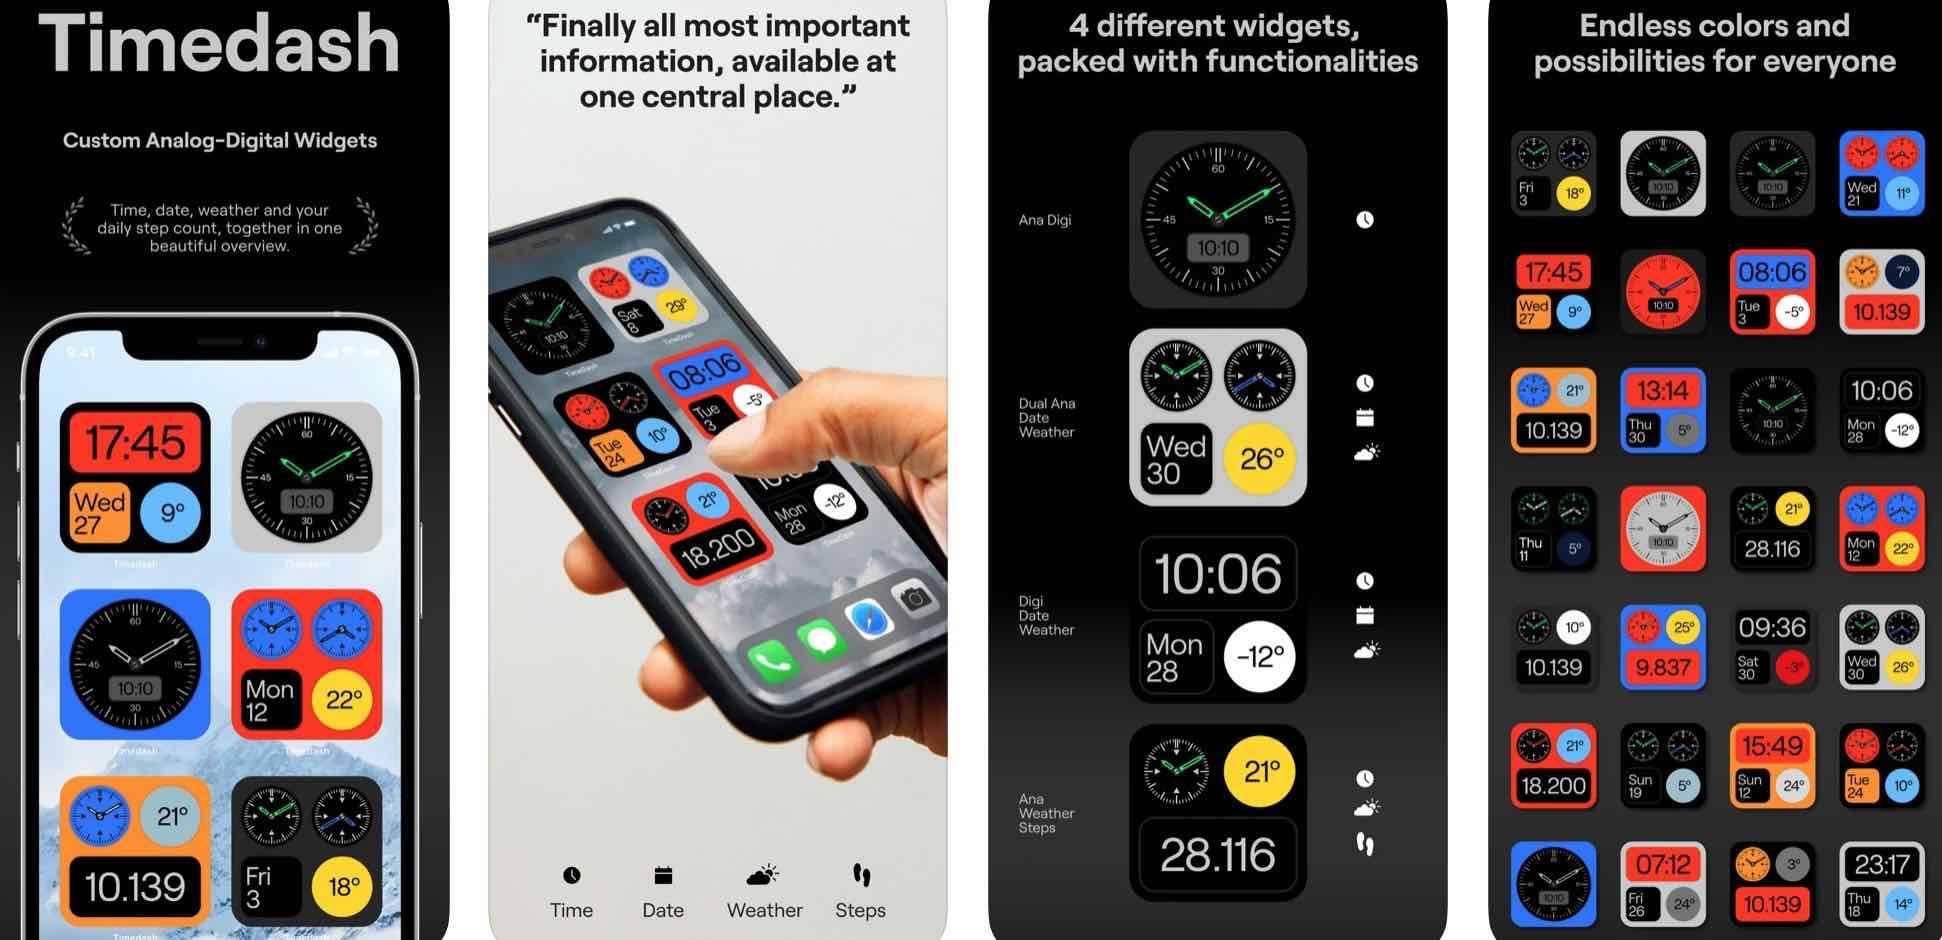 Timedash, czyli fantastyczne widżety z datą i godziną inspirowane zegarkami z lat 70 polecane, ciekawostki widgety, Timedash, iPadOS 14, iOS 14  Studio projektowe TIN stworzyło aplikację, która wprowadza mnóstwo widżetów z datą i godziną na iOS 14 i iPadOS 14. widgety 1